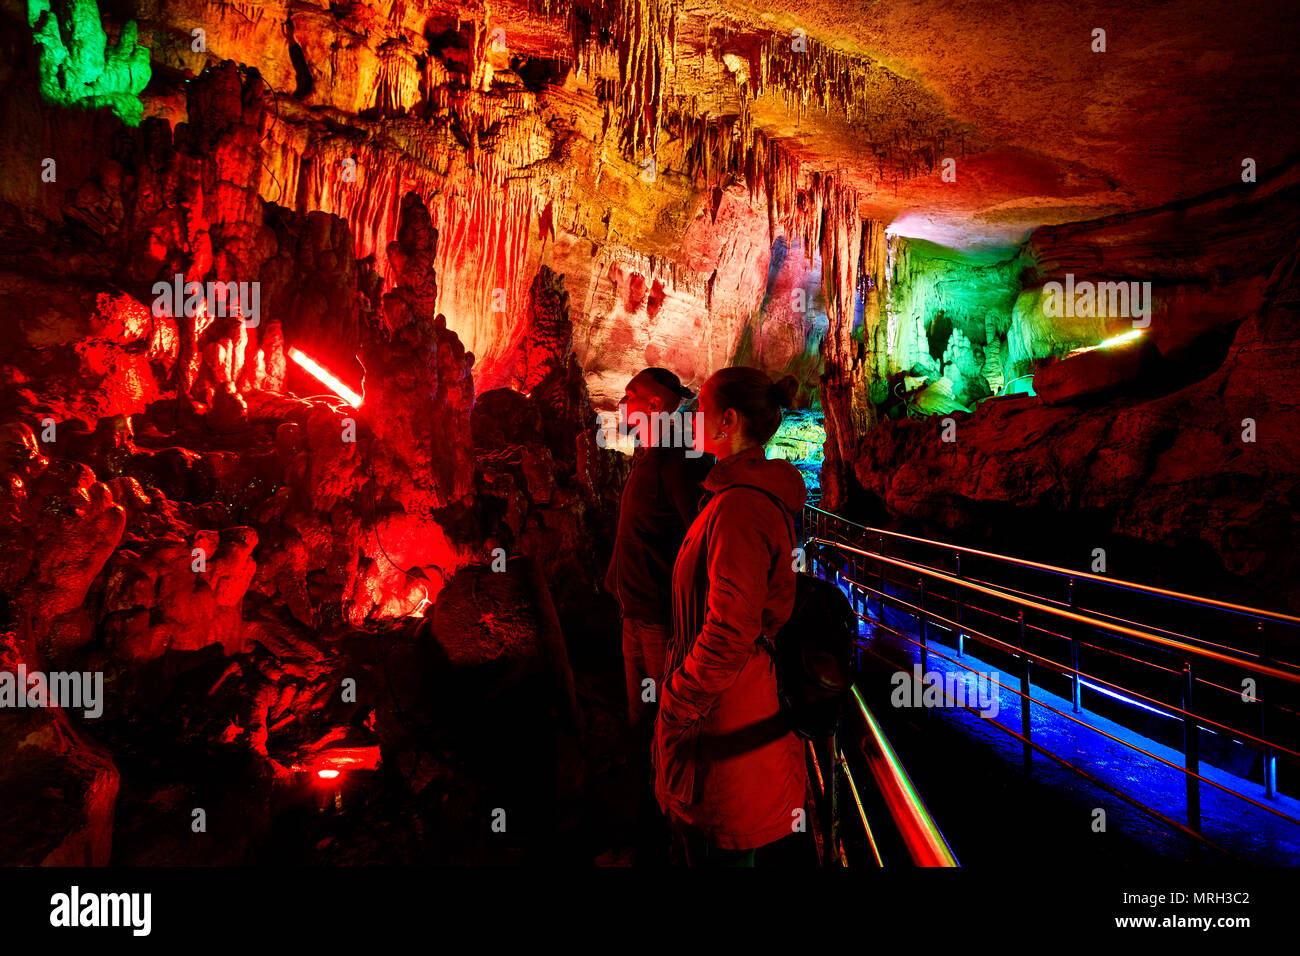 Touristische Paar in unterirdische Höhle Sataplia mit bunten Beleuchtung in Kutaissi, Georgien Stockbild